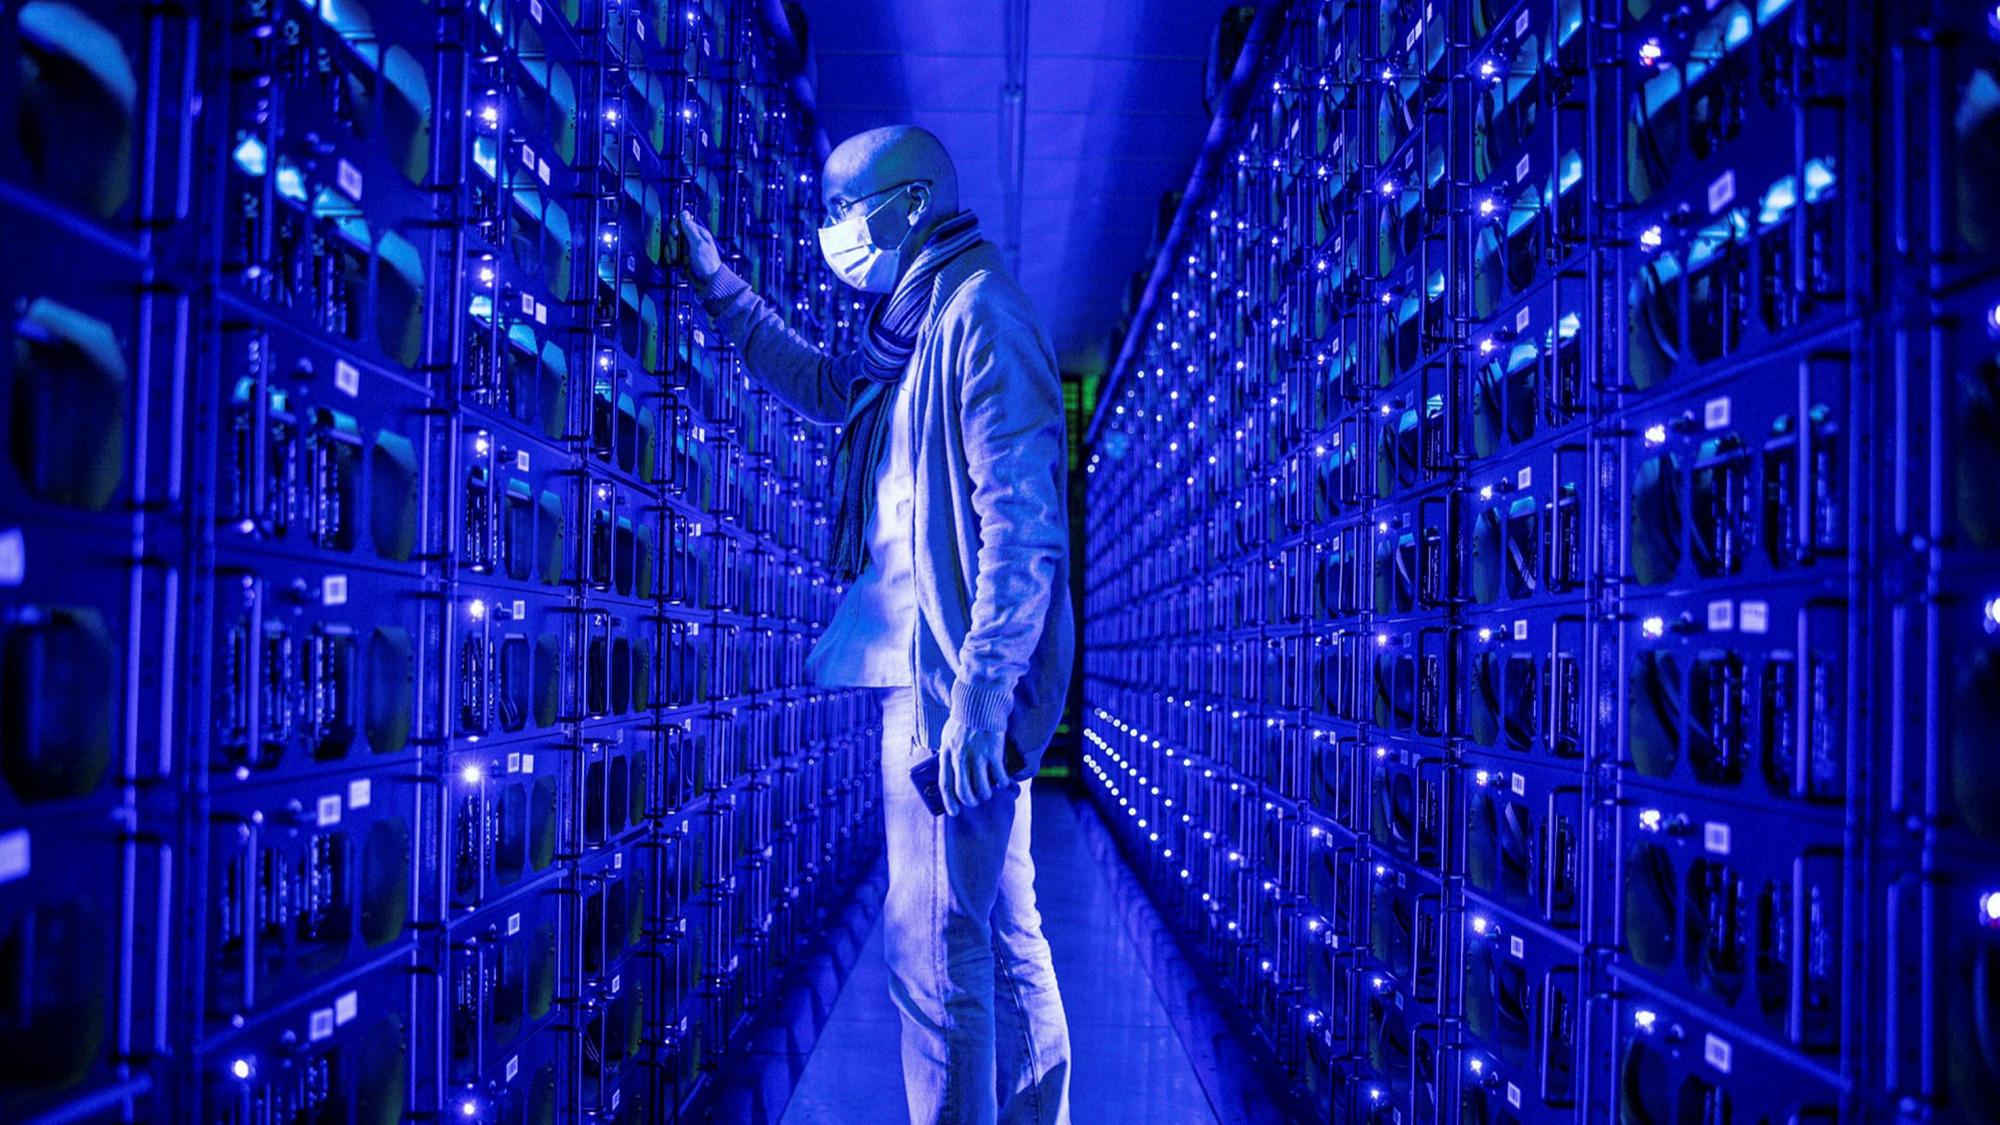 Cuộc di cư lớn của các mỏ đào bitcoin từ Trung Quốc đã bắt đầu - Ảnh 1.